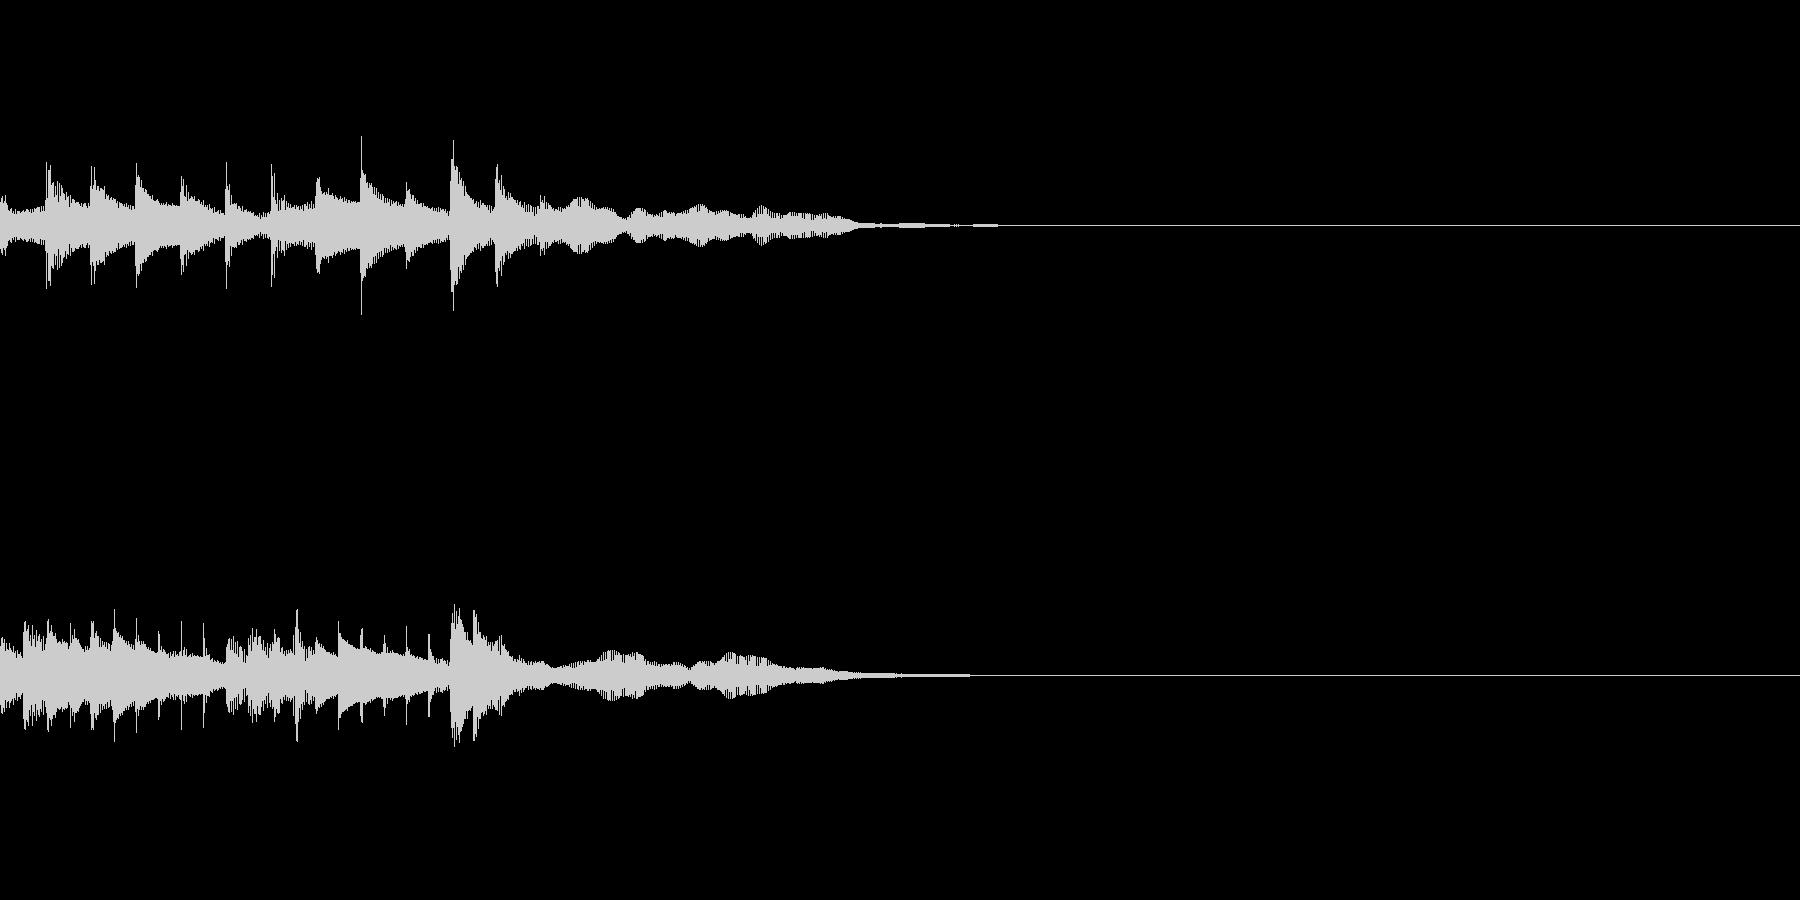 サウンドロゴ・短時間CMの未再生の波形